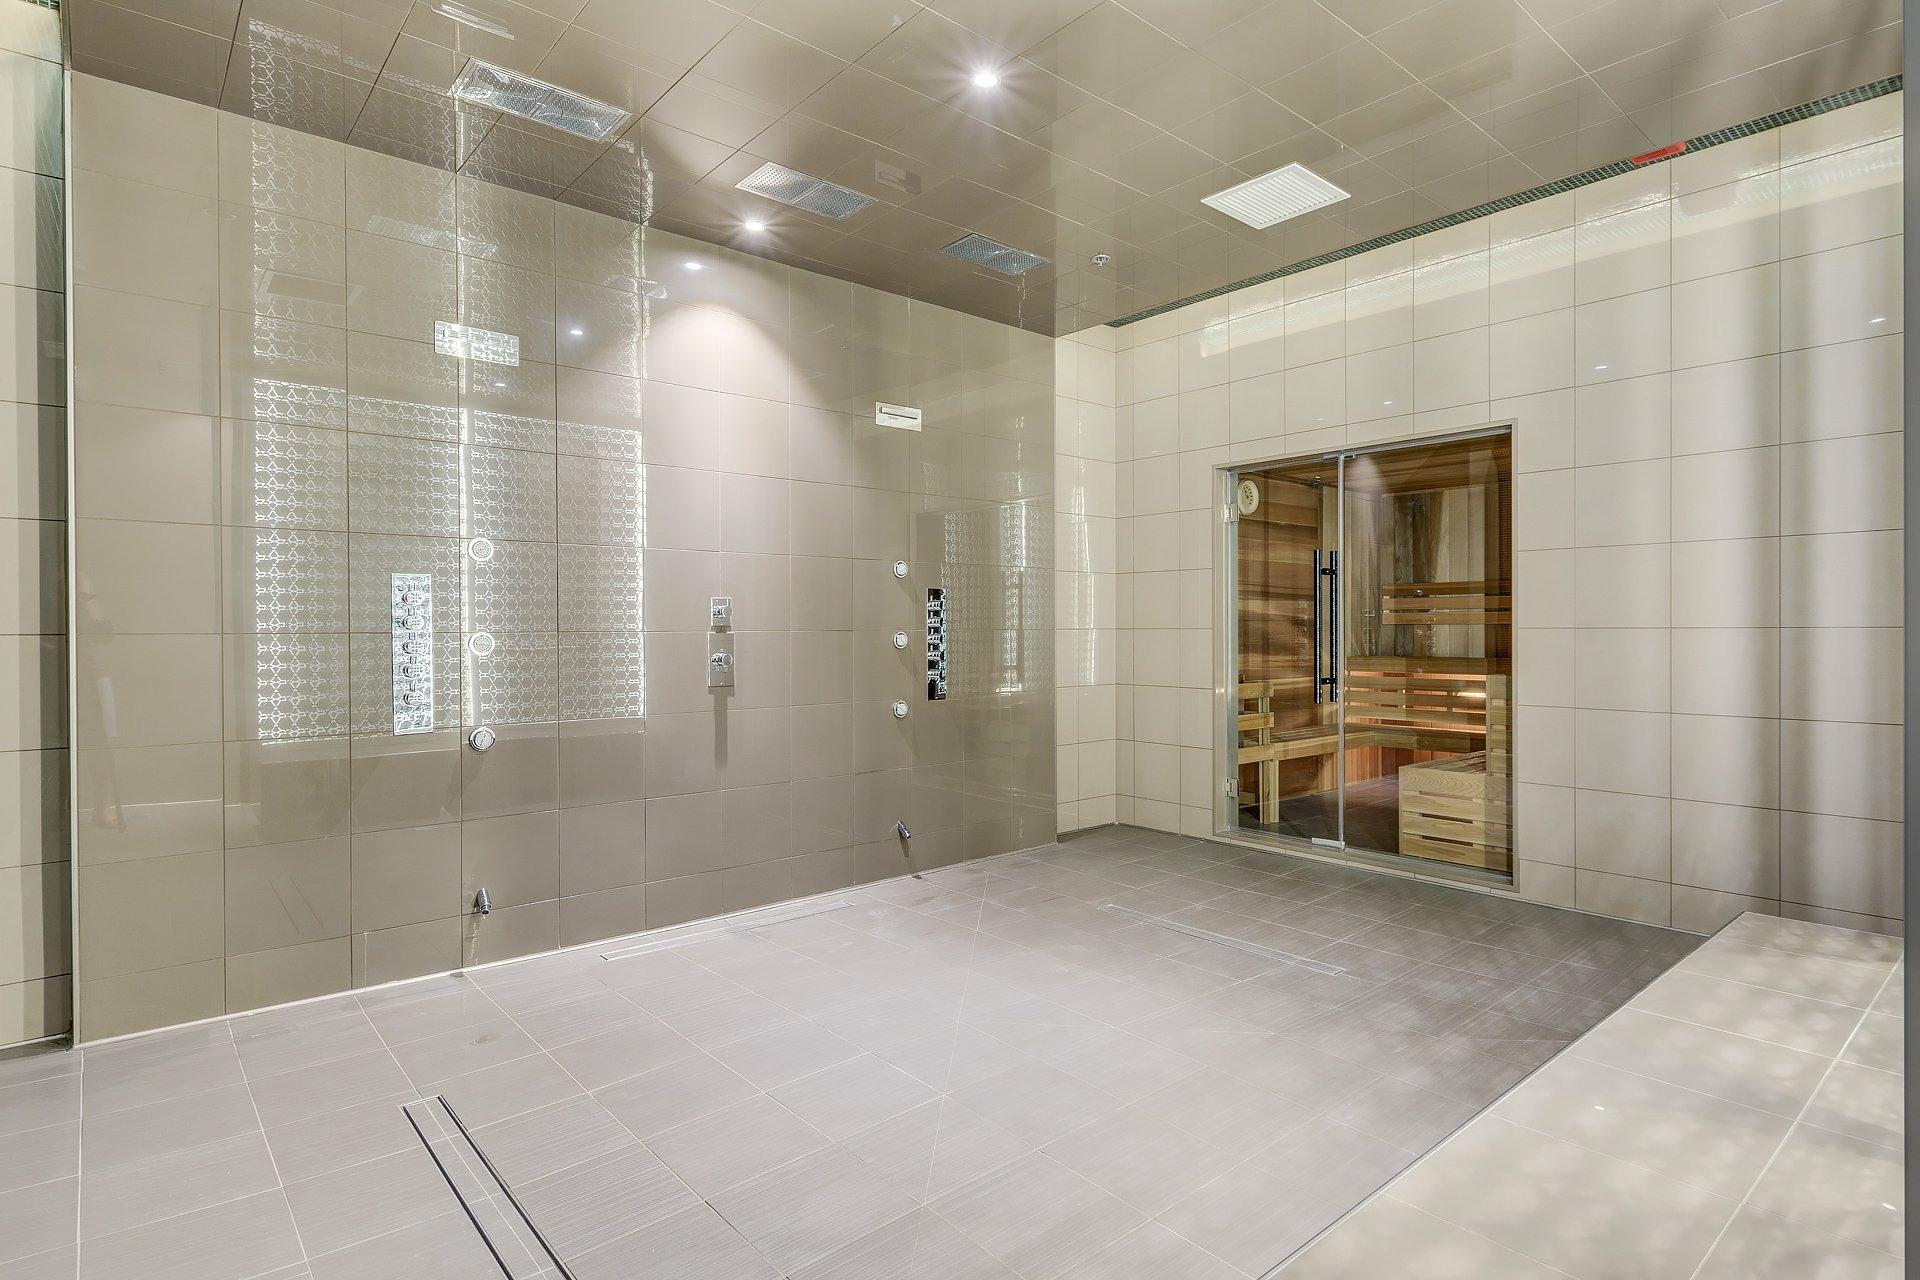 image 20 - Apartment For rent Montréal Ville-Marie  - 4 rooms